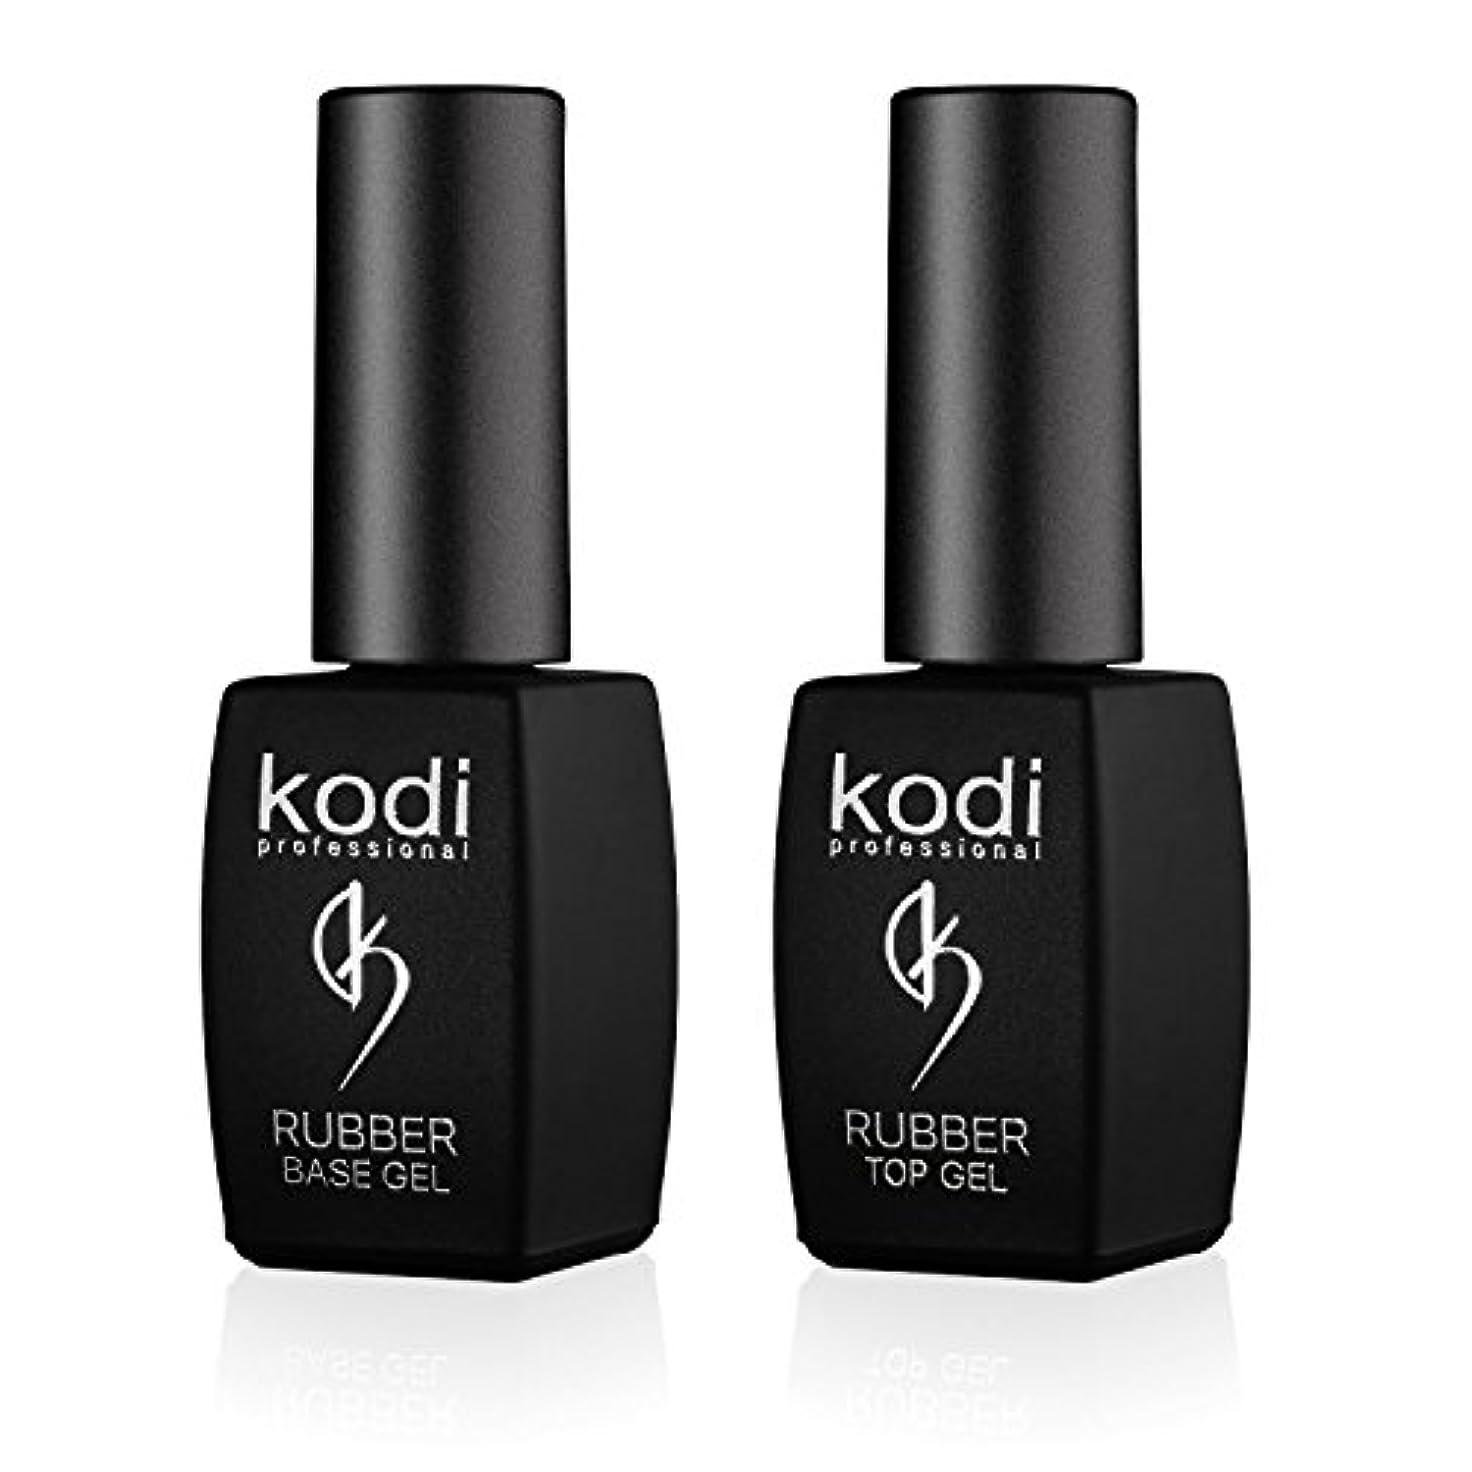 懲らしめ顎紀元前Kodi プロフェッショナルラバートップ&ベースジェルセット  8ml 0.27オンス 爪のソークオフとポリッシュ コートキット 長持ちするネイルレイヤー 使いやすい、無毒&無香料  LEDまたはUVランプの下で硬化